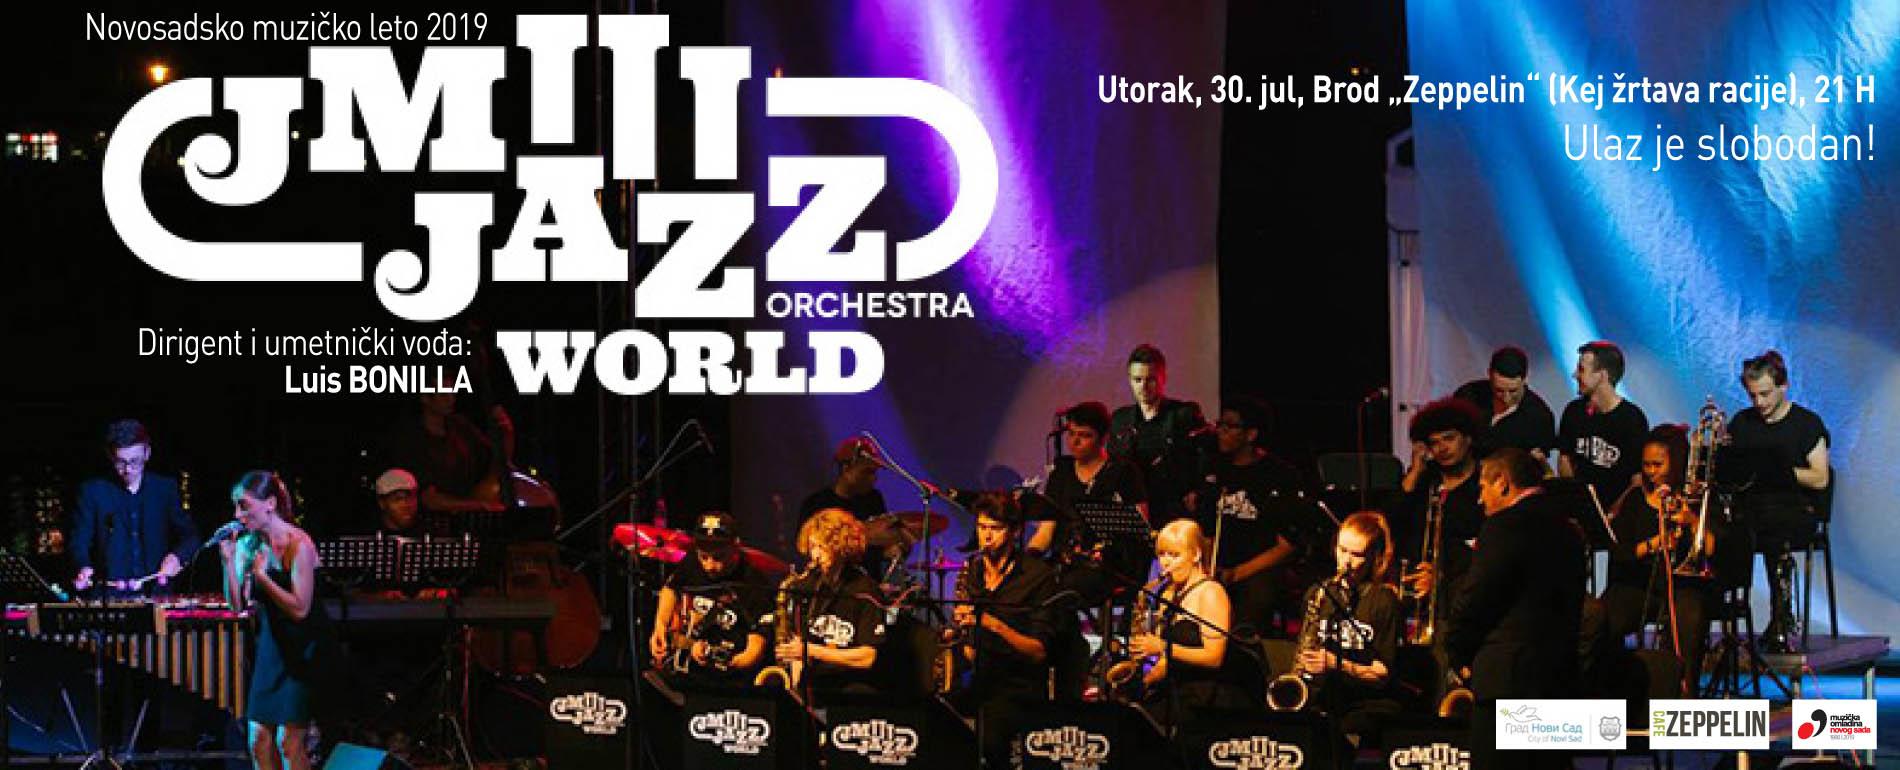 JM JAZZ WORLD ORCHESTRA